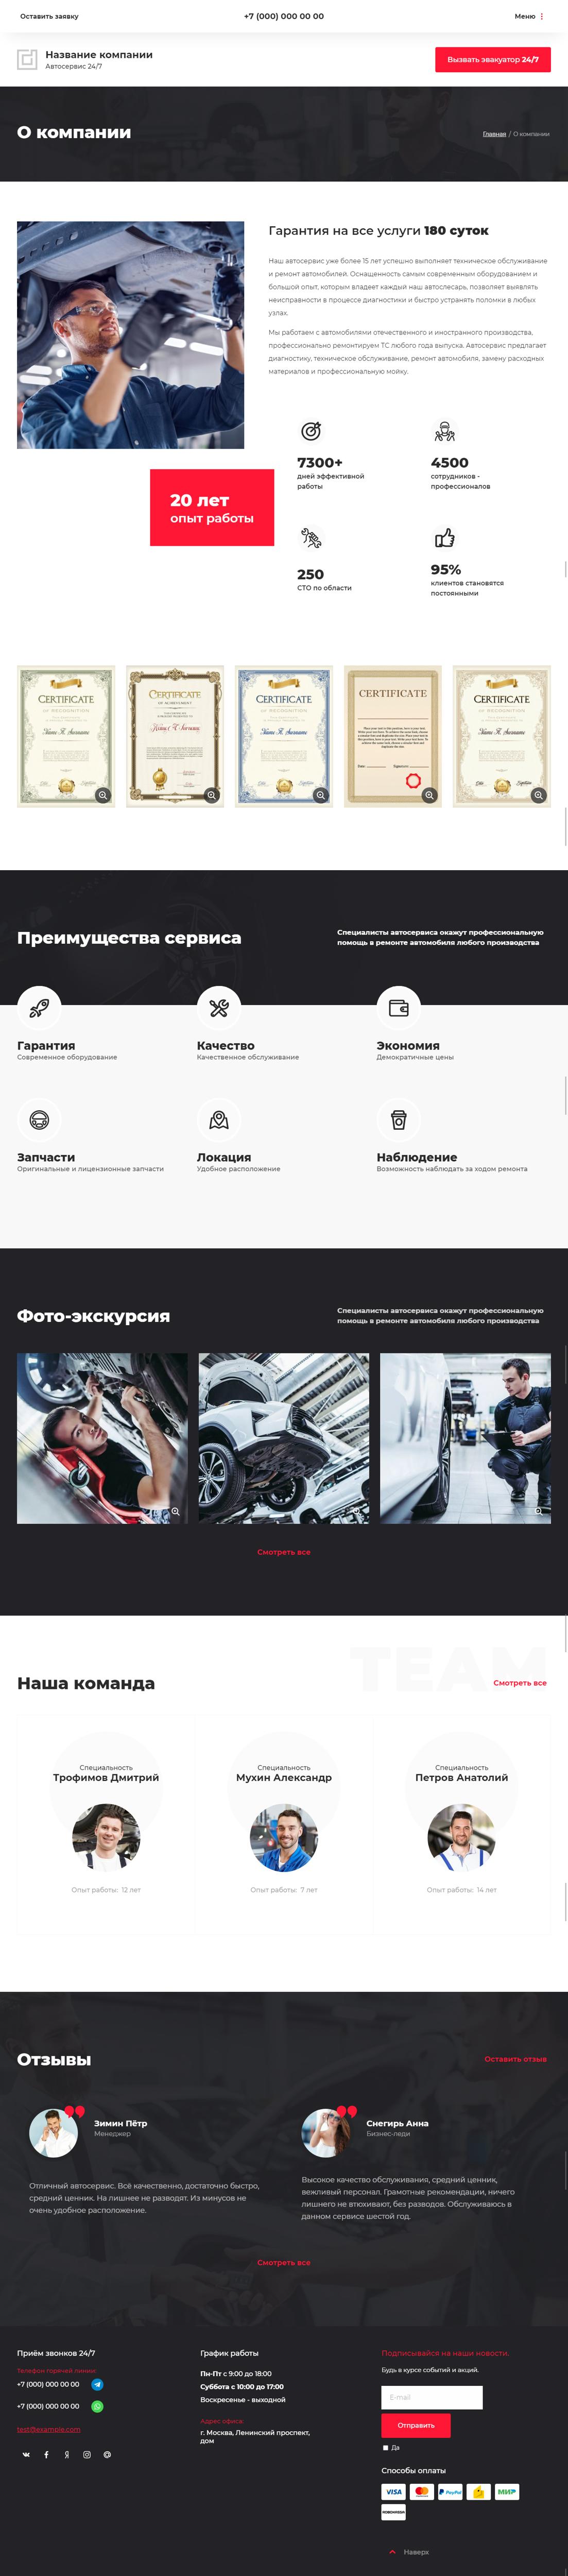 Готовый Сайт-Бизнес #2899420 - Автосервисы, ремонт транспортных средств (О компании)